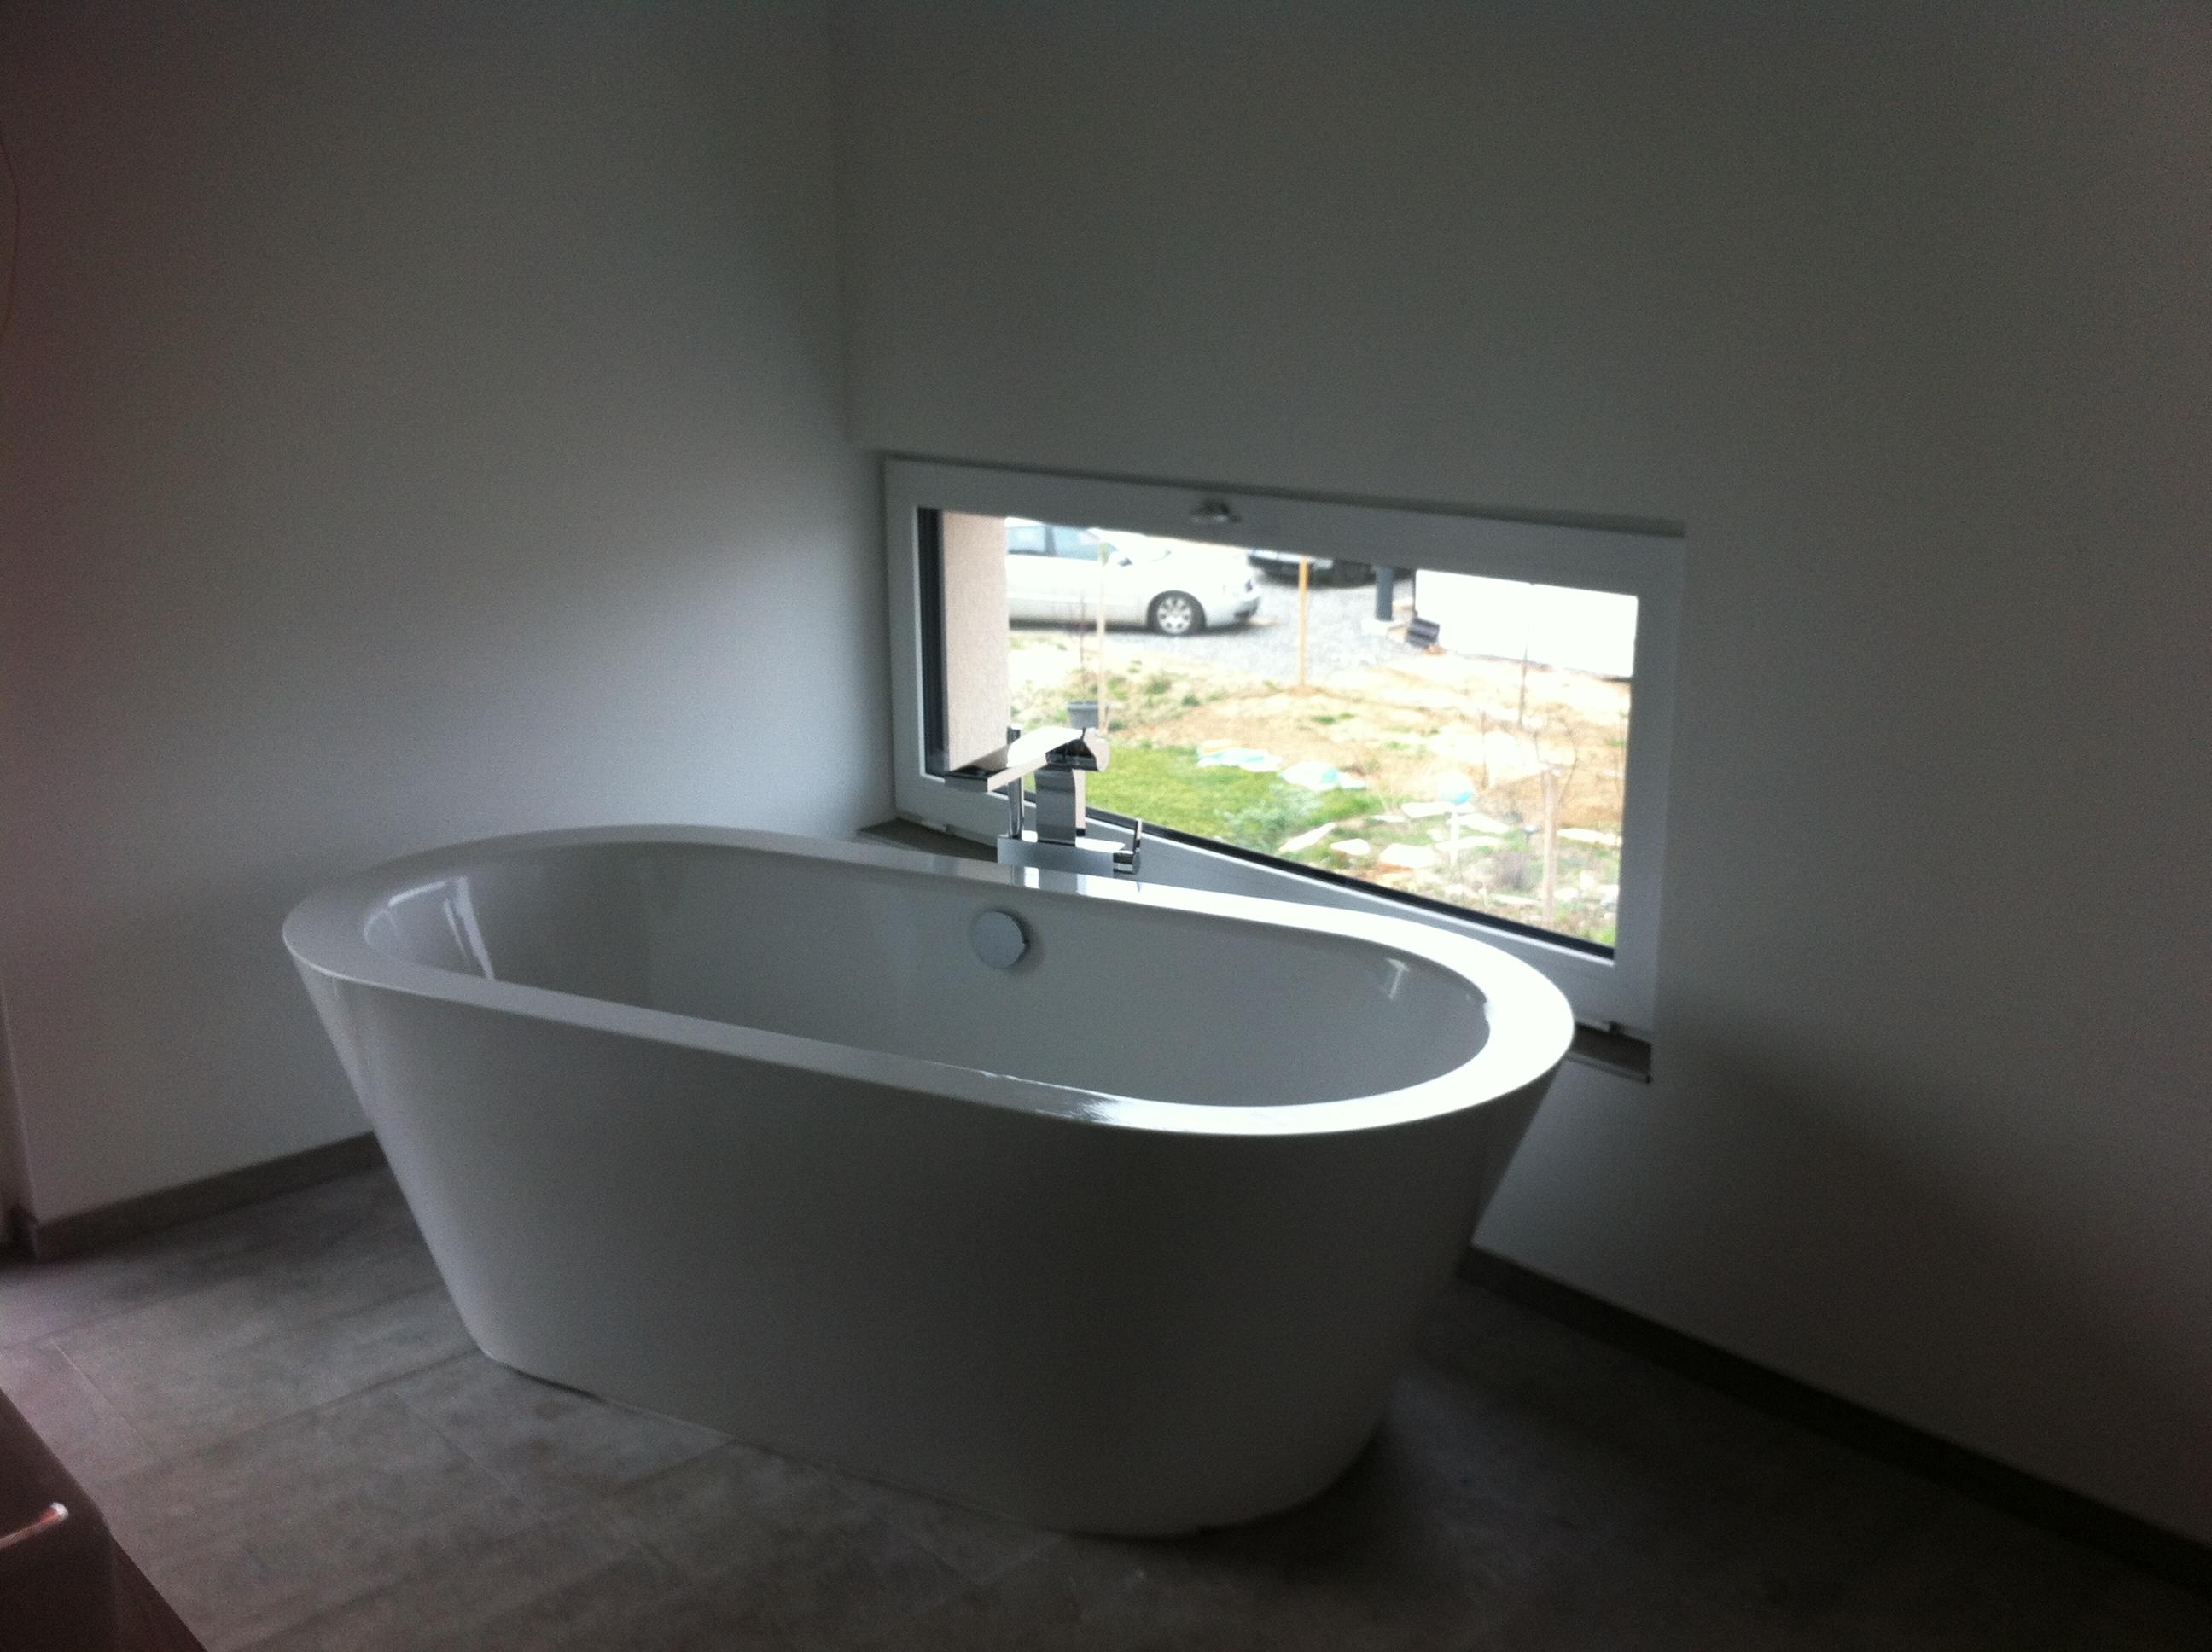 freistehende silhoutte badewanne von bette gestaltung von sina m s design. Black Bedroom Furniture Sets. Home Design Ideas